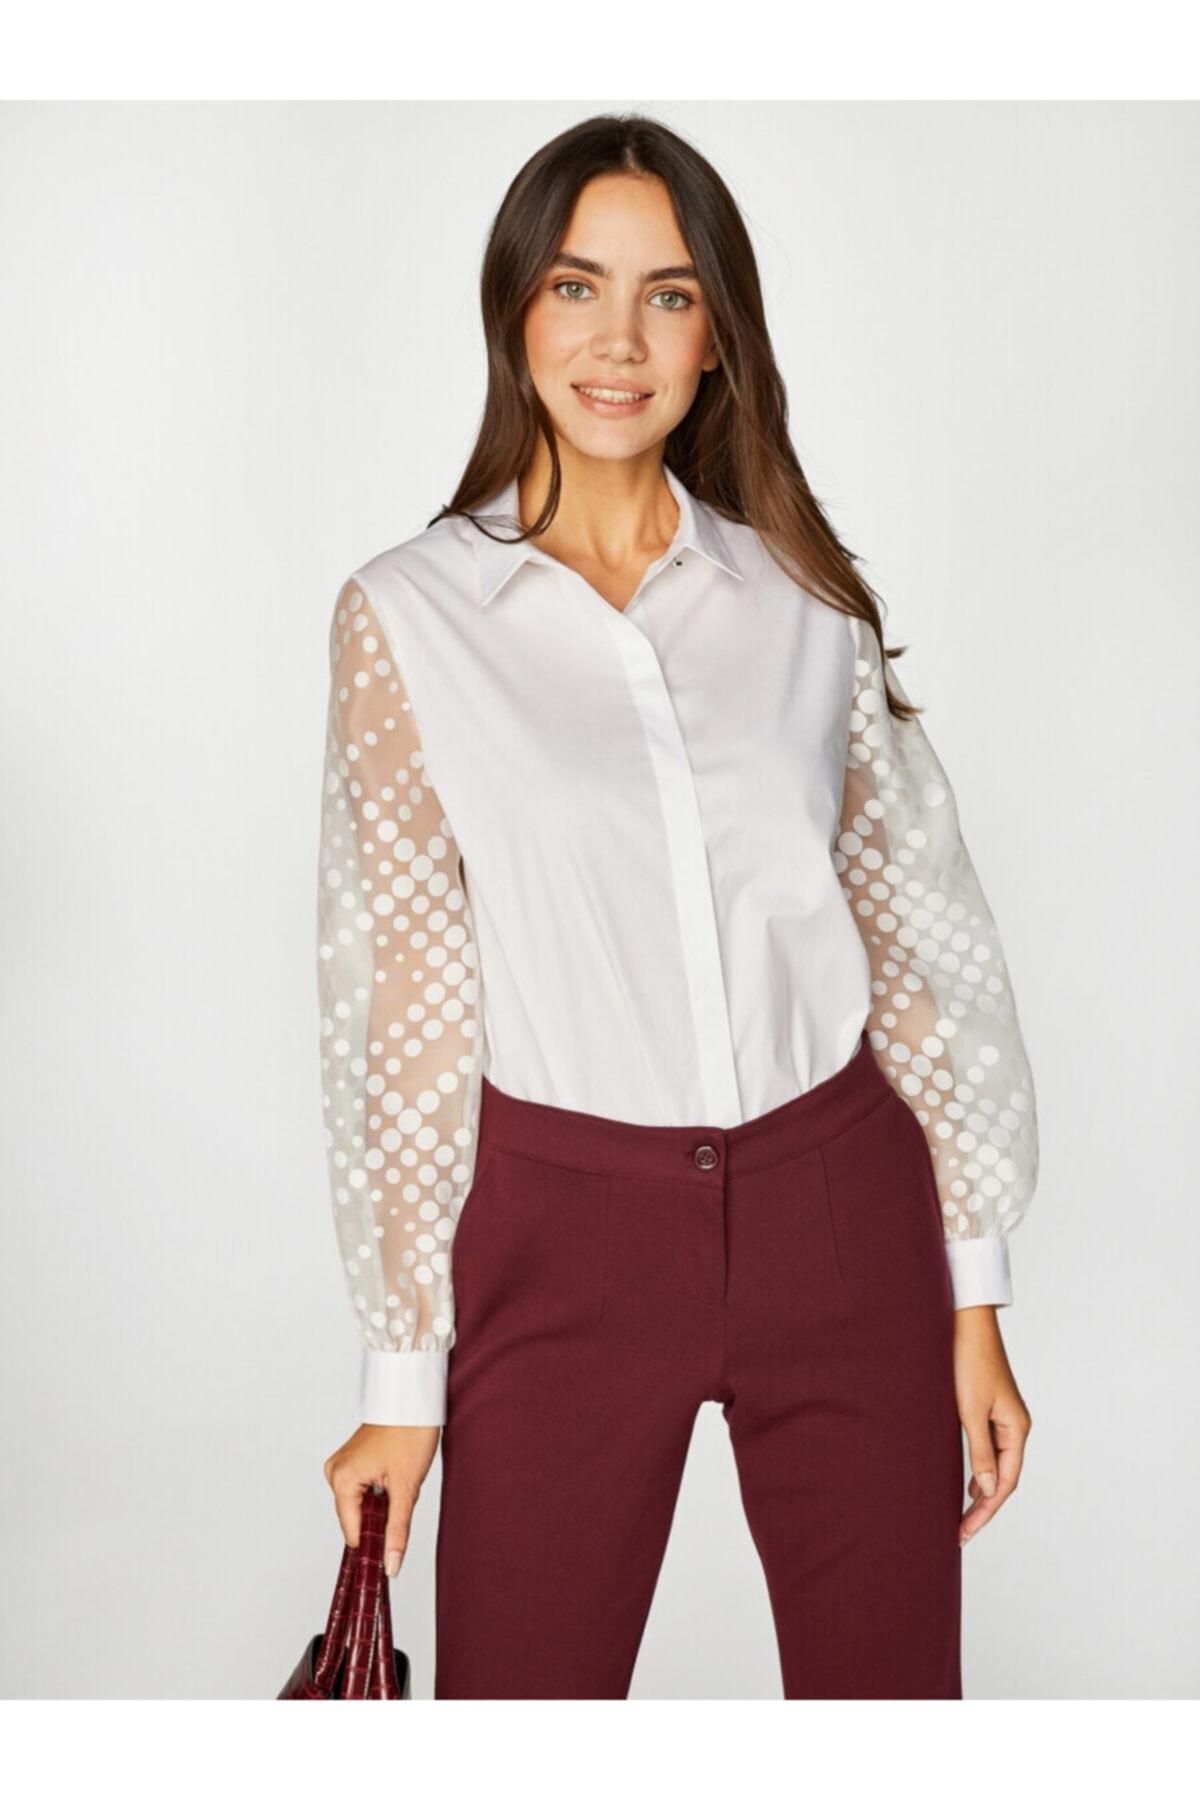 Faik Sönmez Kadın Beyaz Gömlek 39320 U39320 2